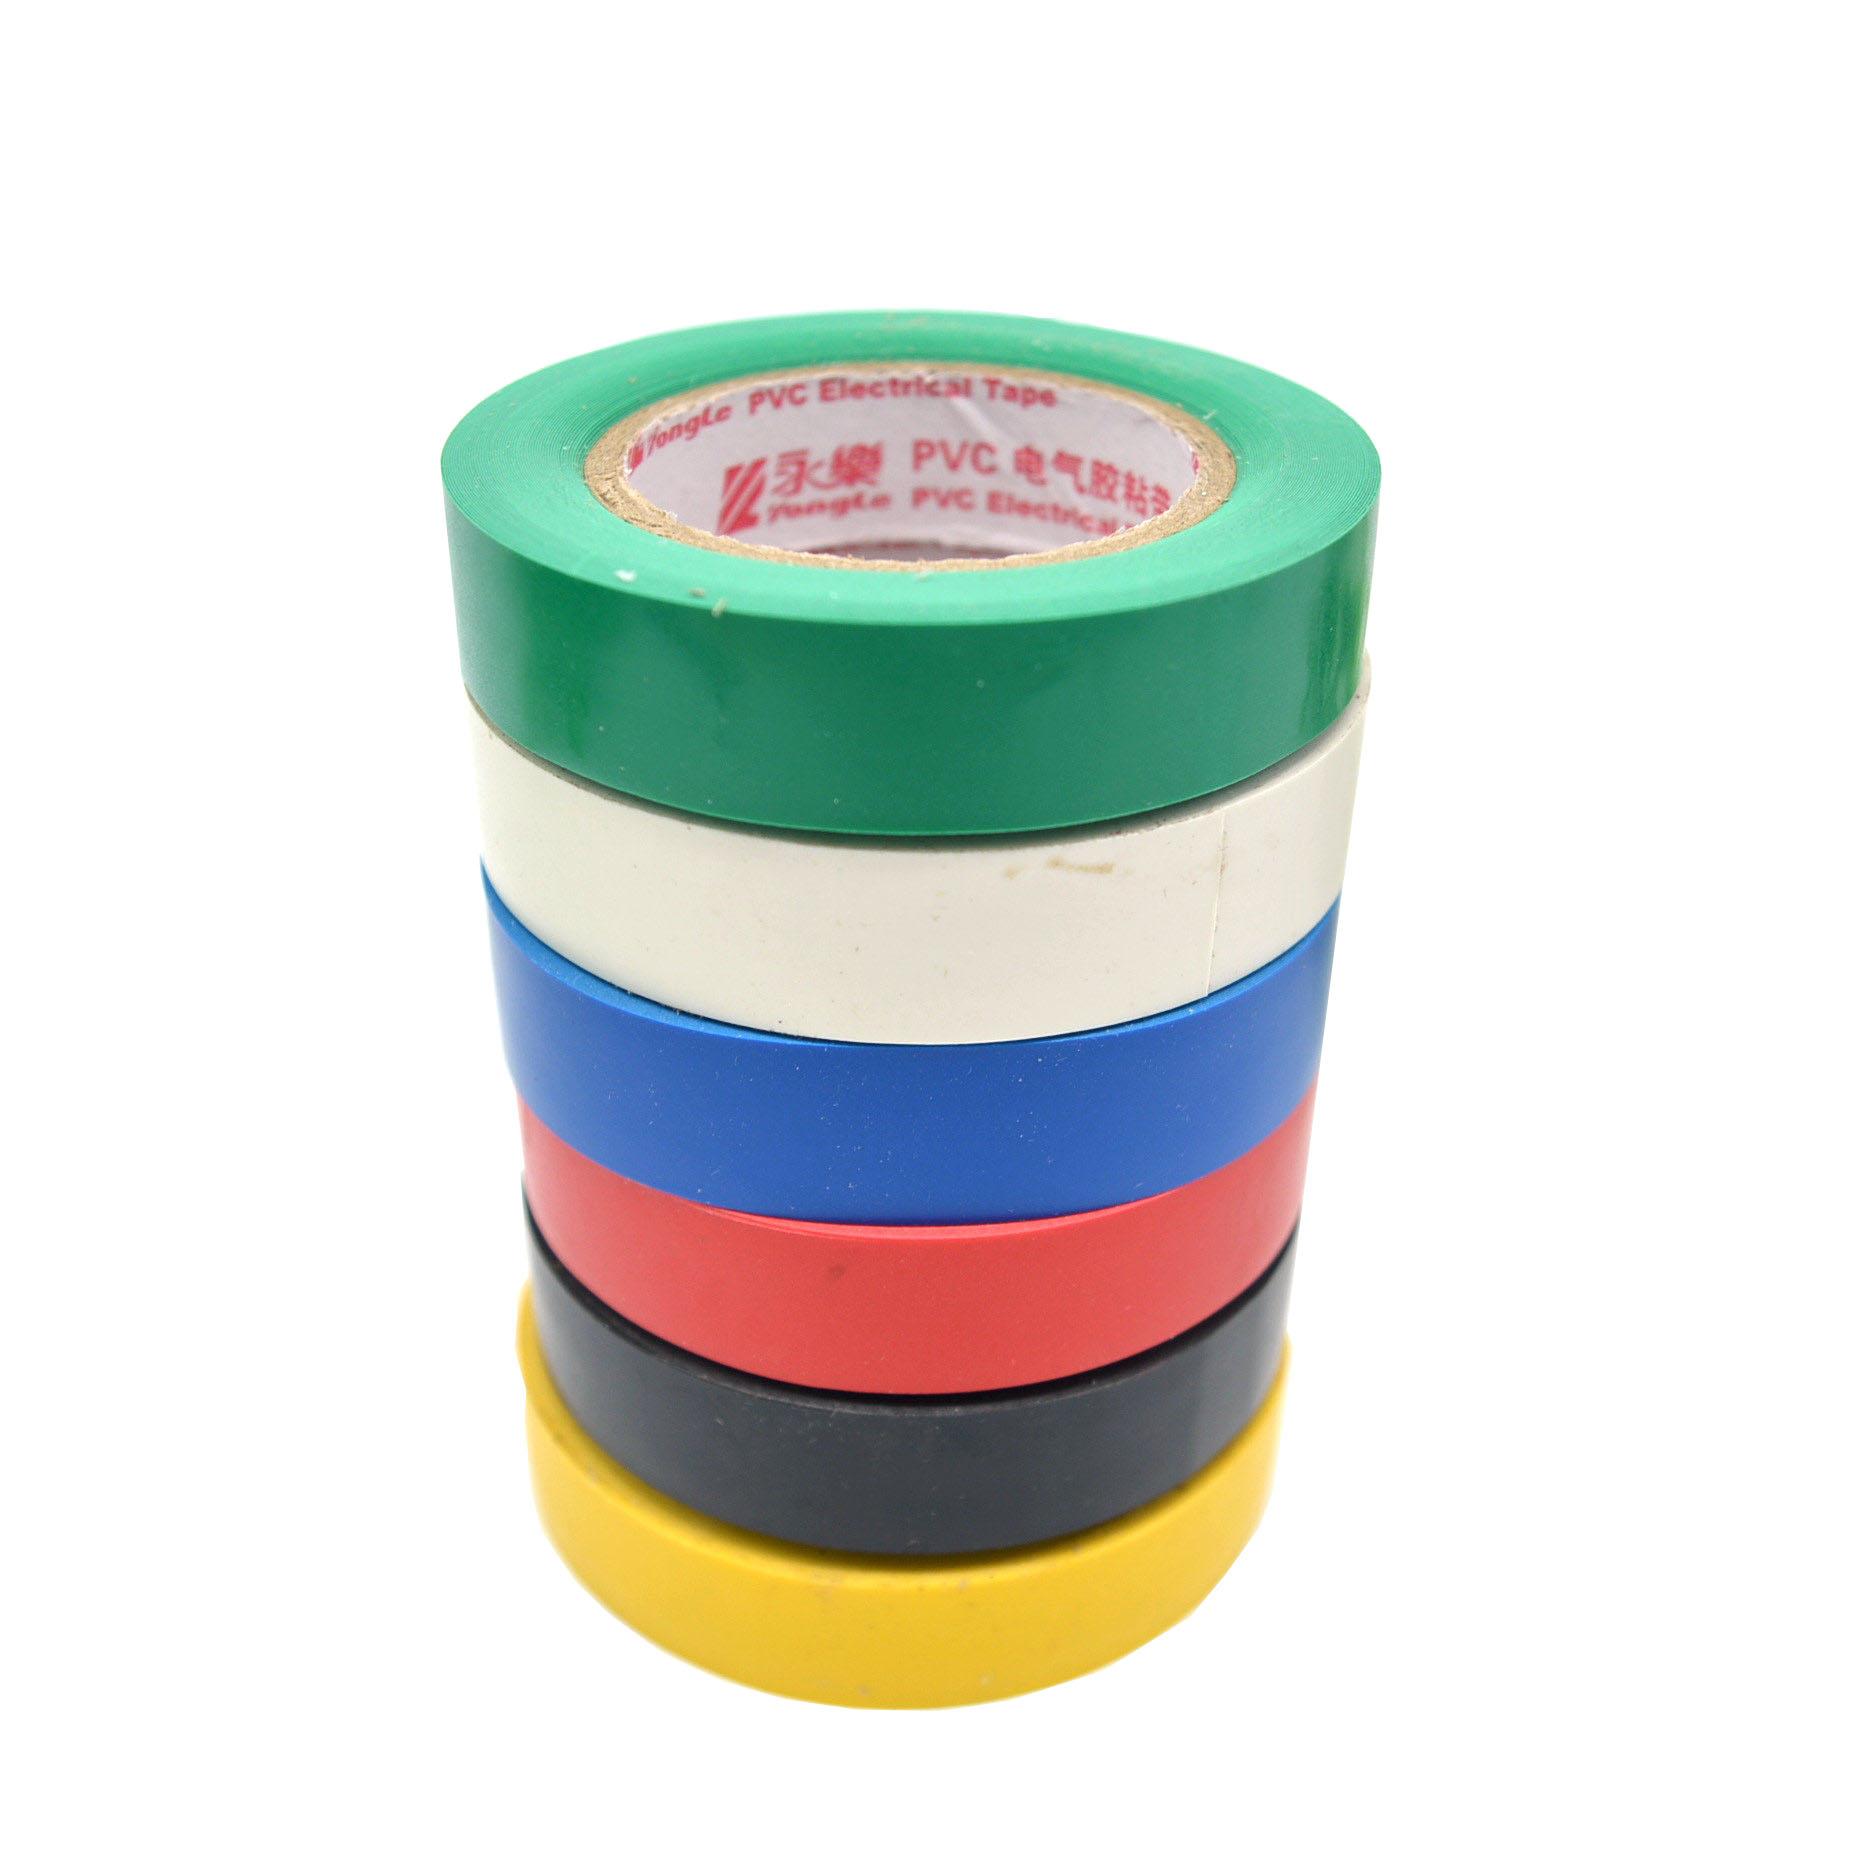 Băng keo cách điện Yongle Đỏ / Trắng / Xanh / Đen Băng keo điện PVC